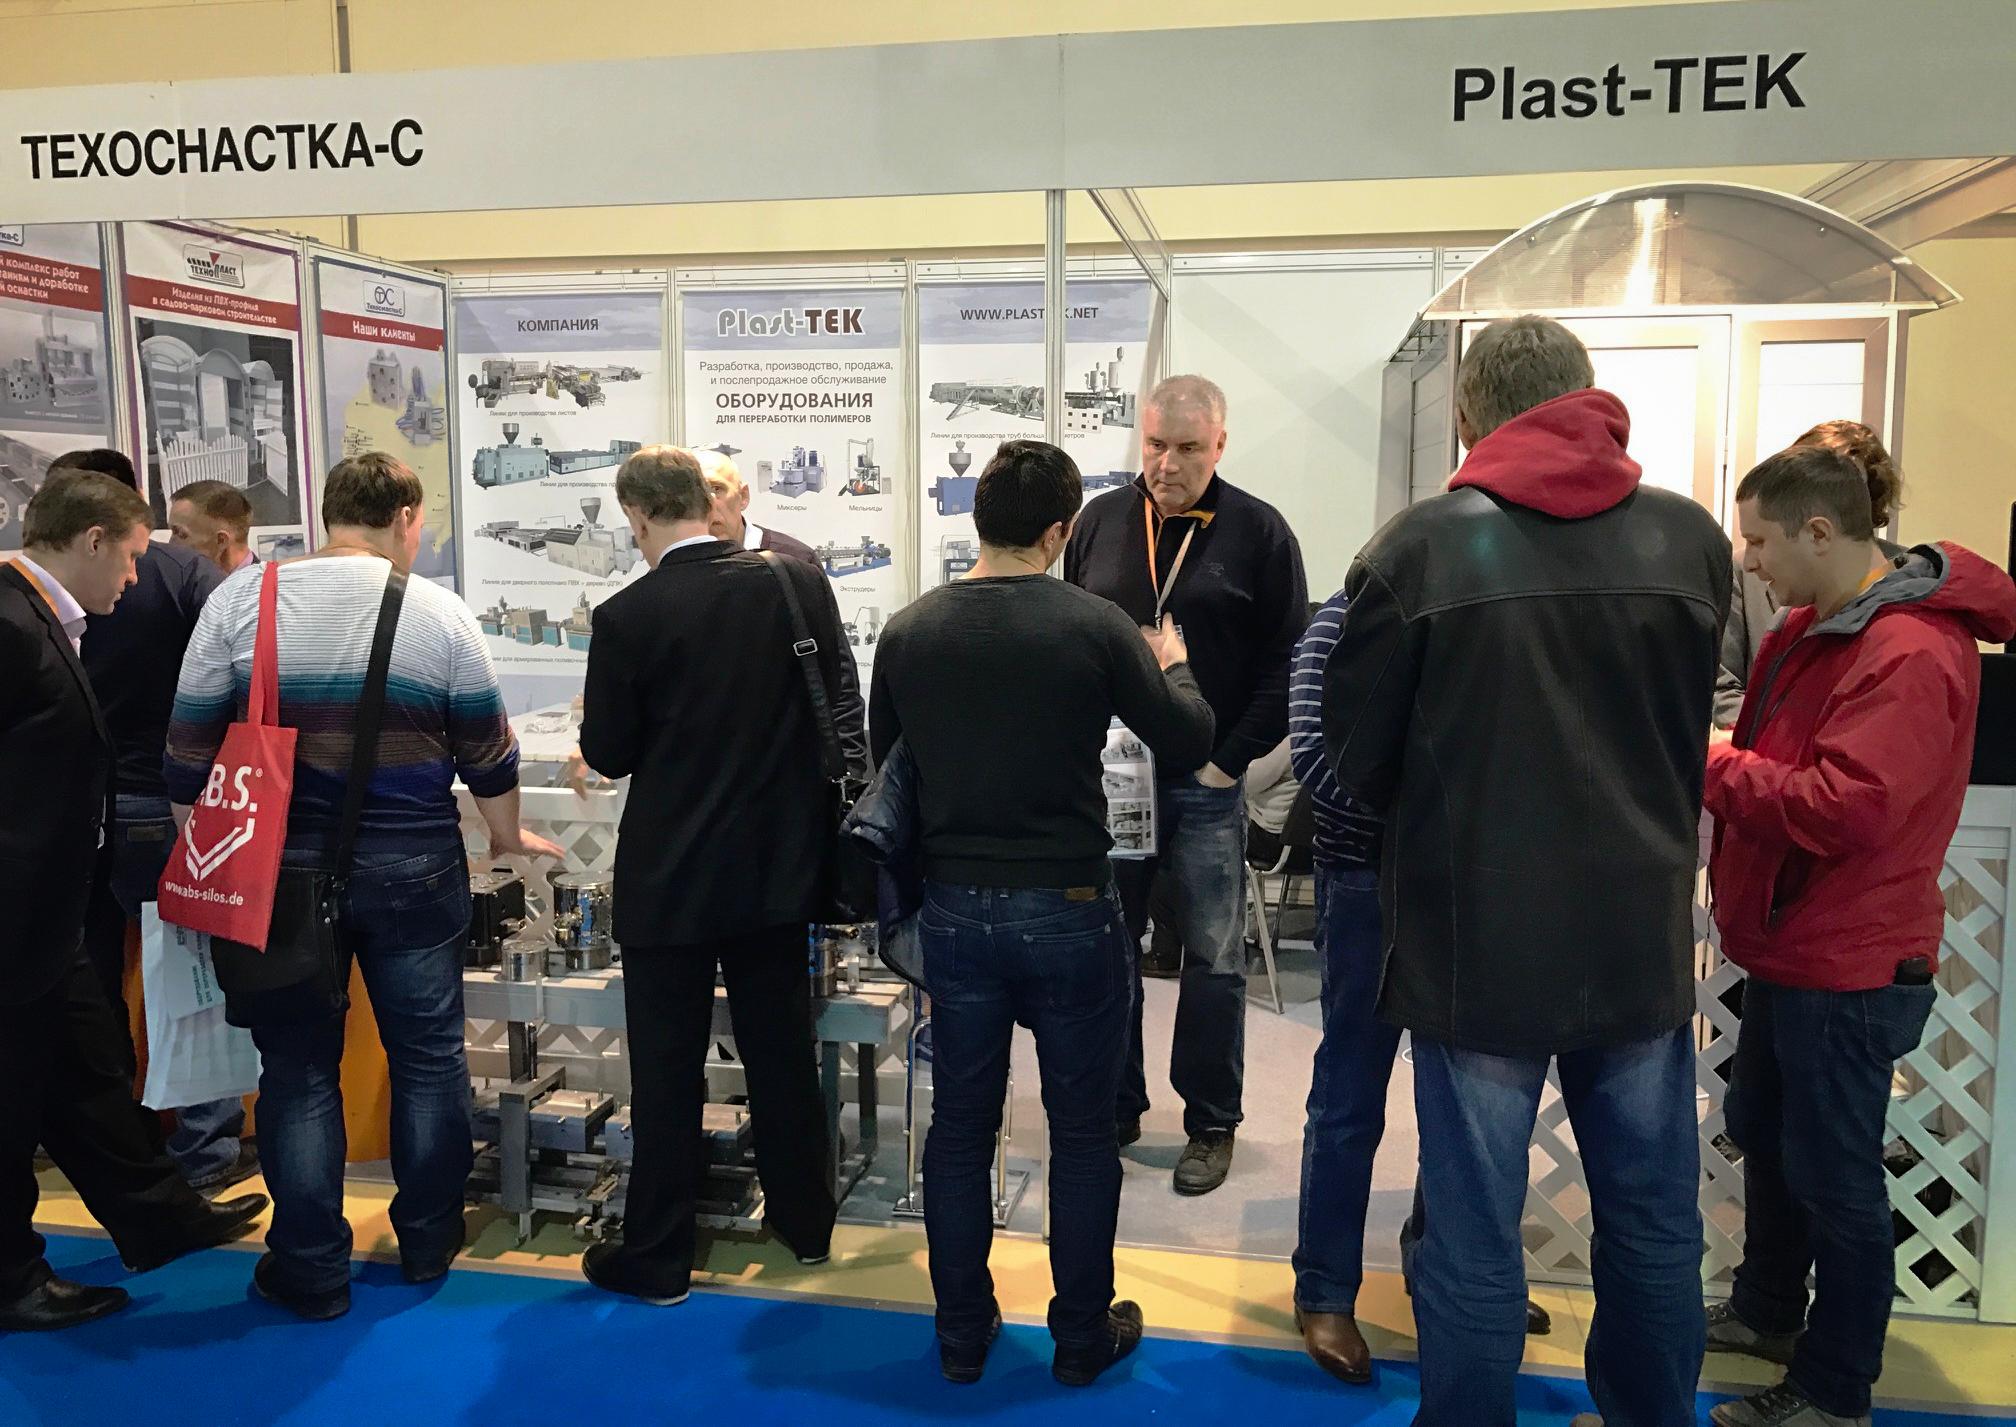 Компания Plast-TEK приняла участие в ежегодной выставке Interplastica 2017